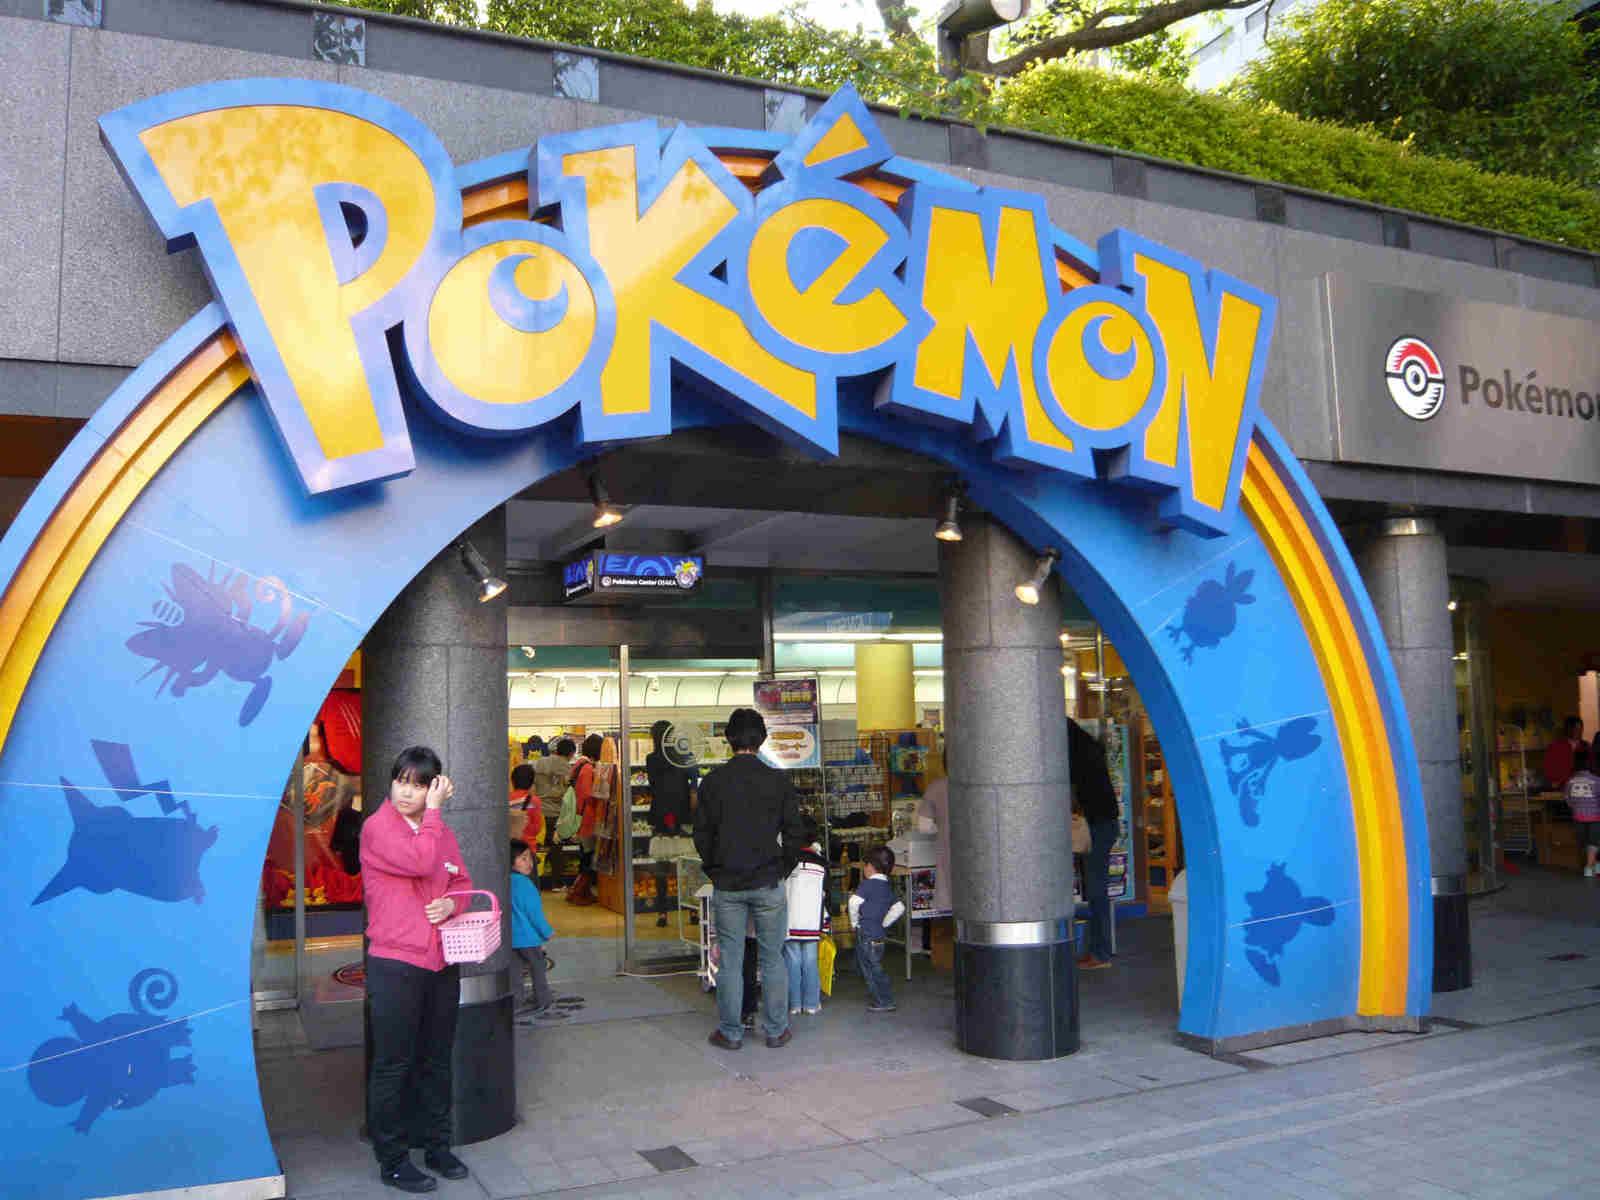 ポケモンセンター オオサカ / pokemon center osaka: 通訳ガイドの勉強